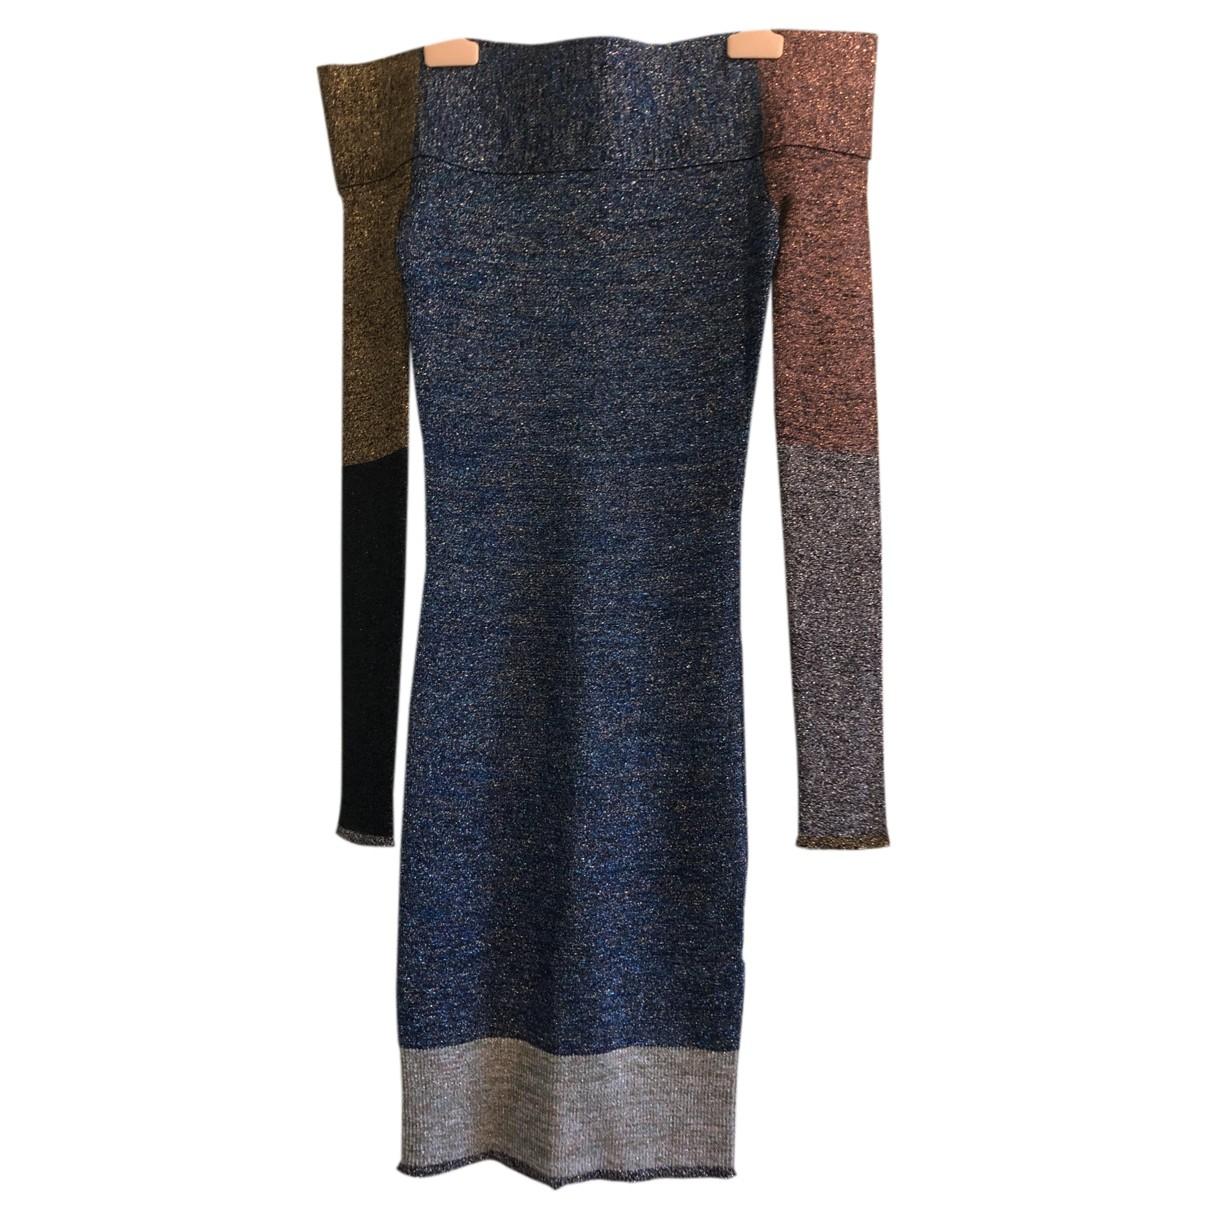 Christopher Kane \N Kleid in  Bunt Wolle